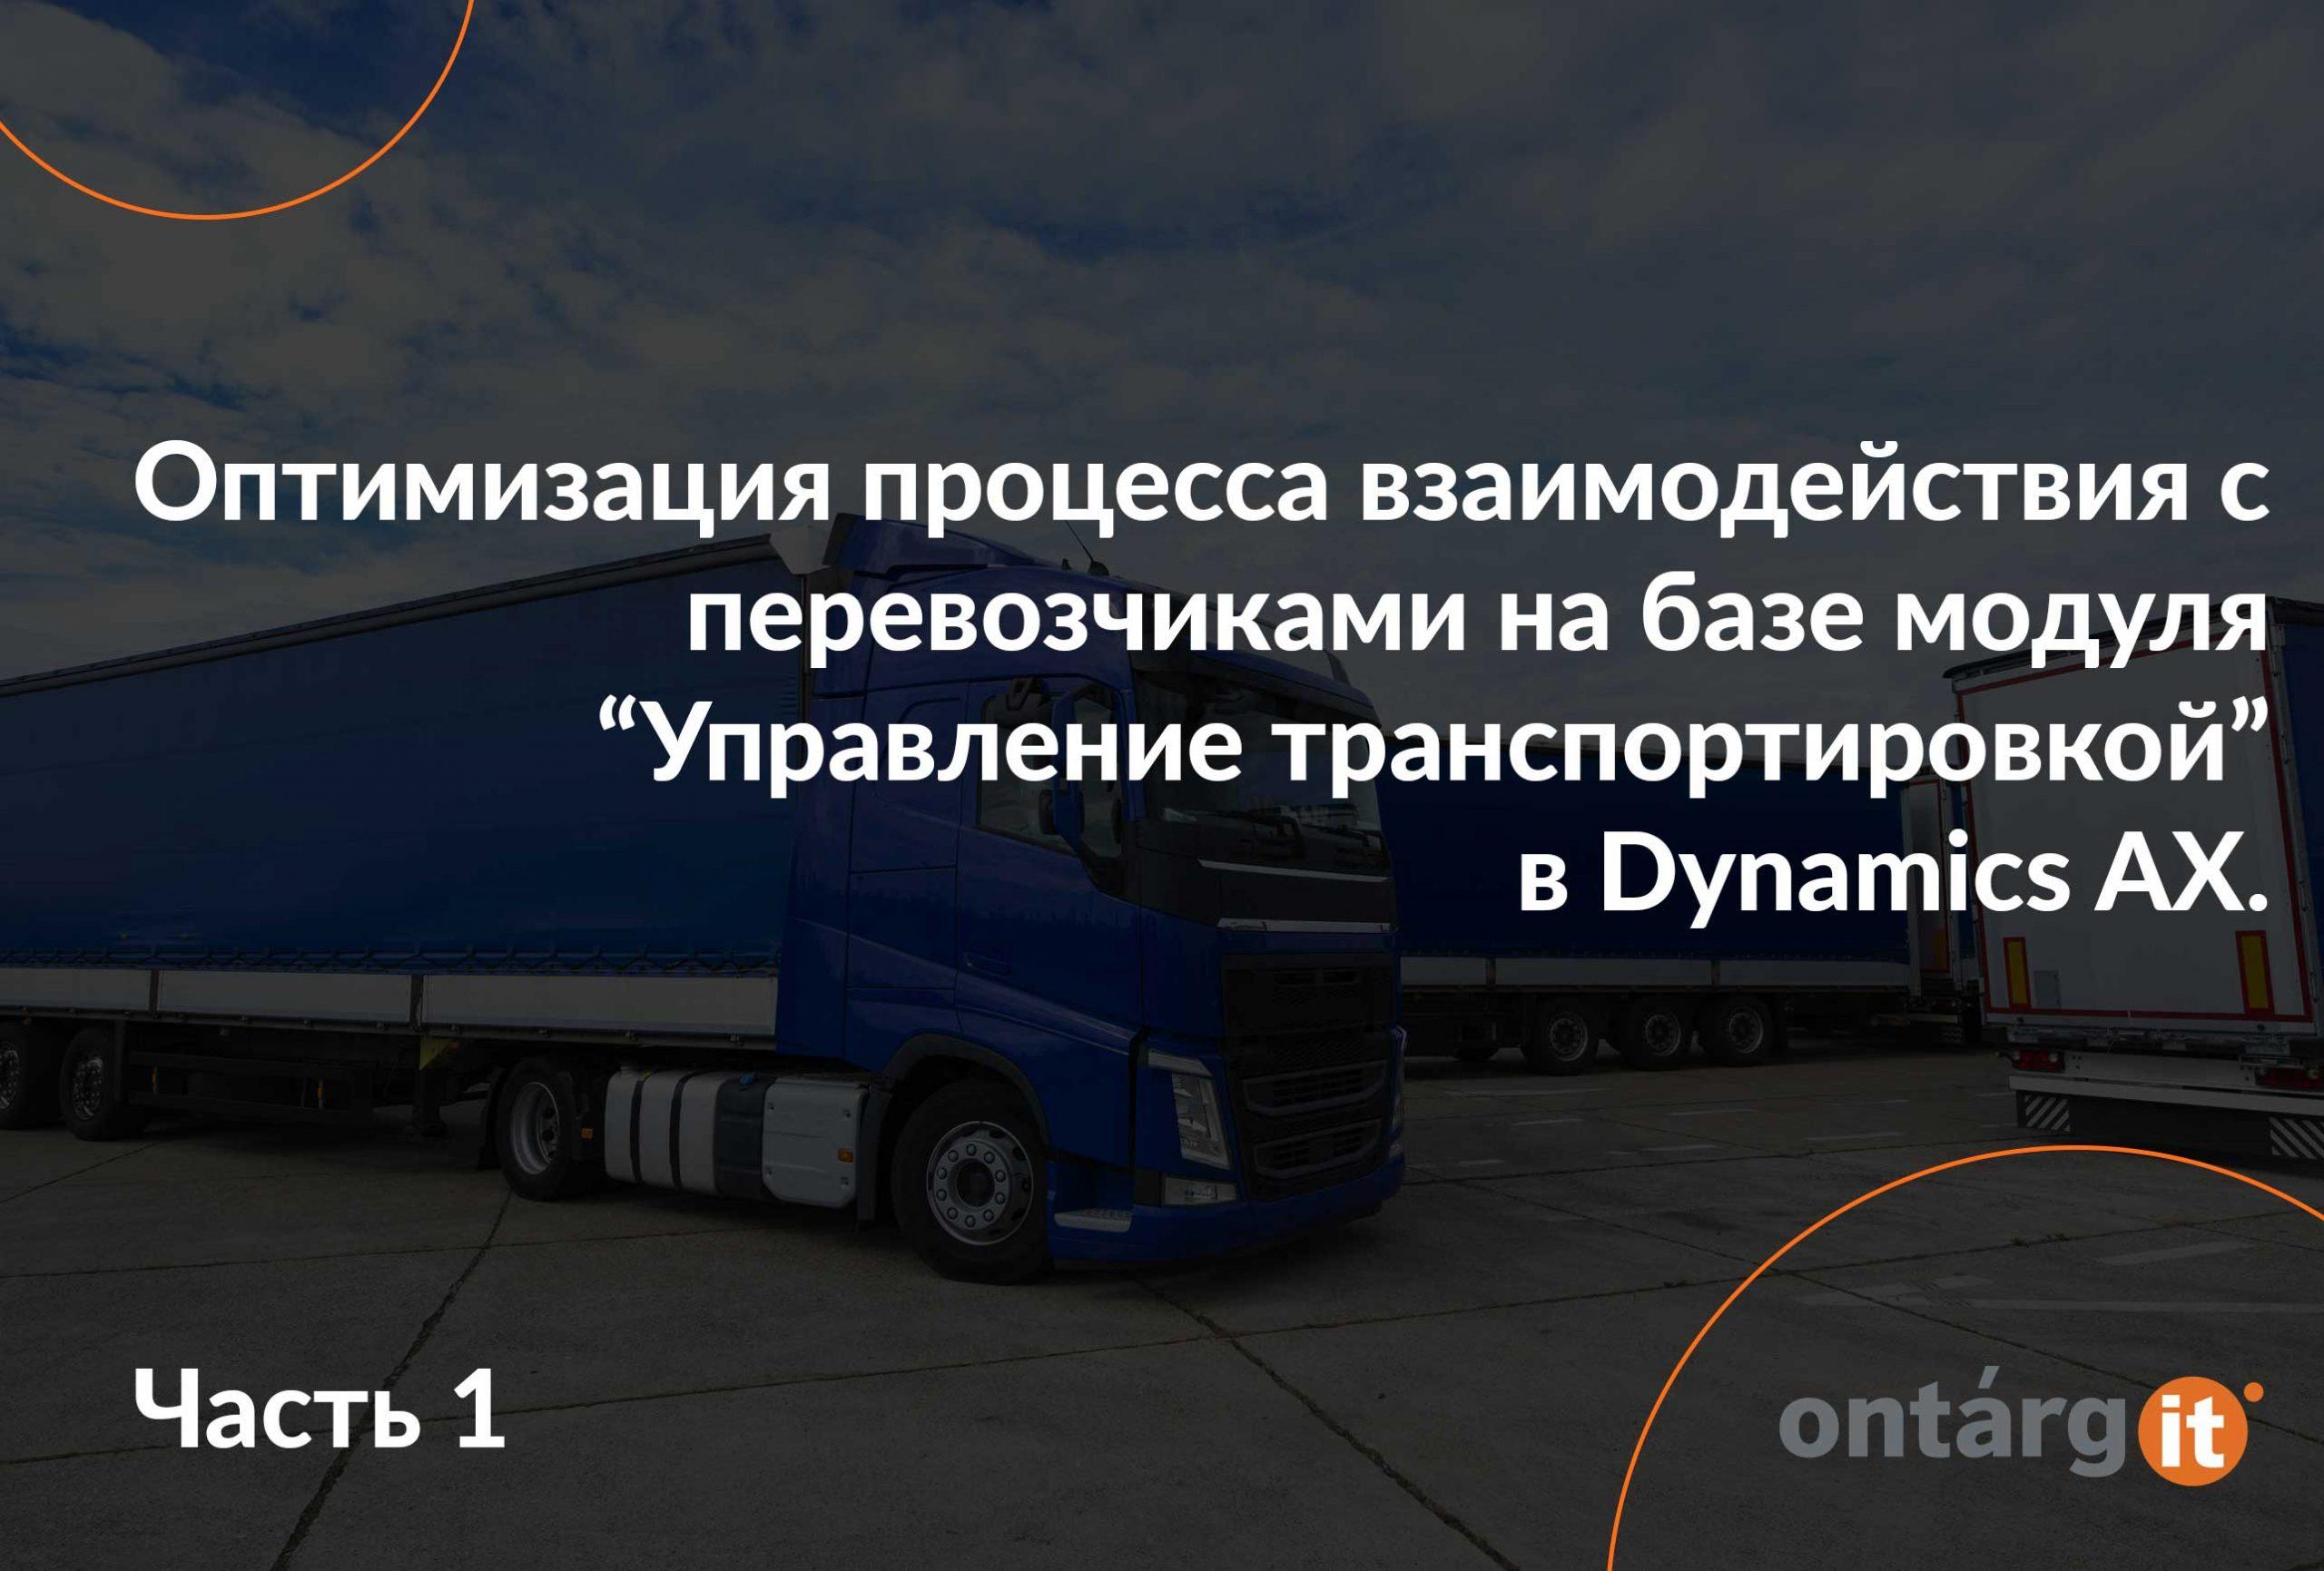 Статья_Оптимизация-процесса-взаимодействия-с-перевозчиками-на-базе-модуля